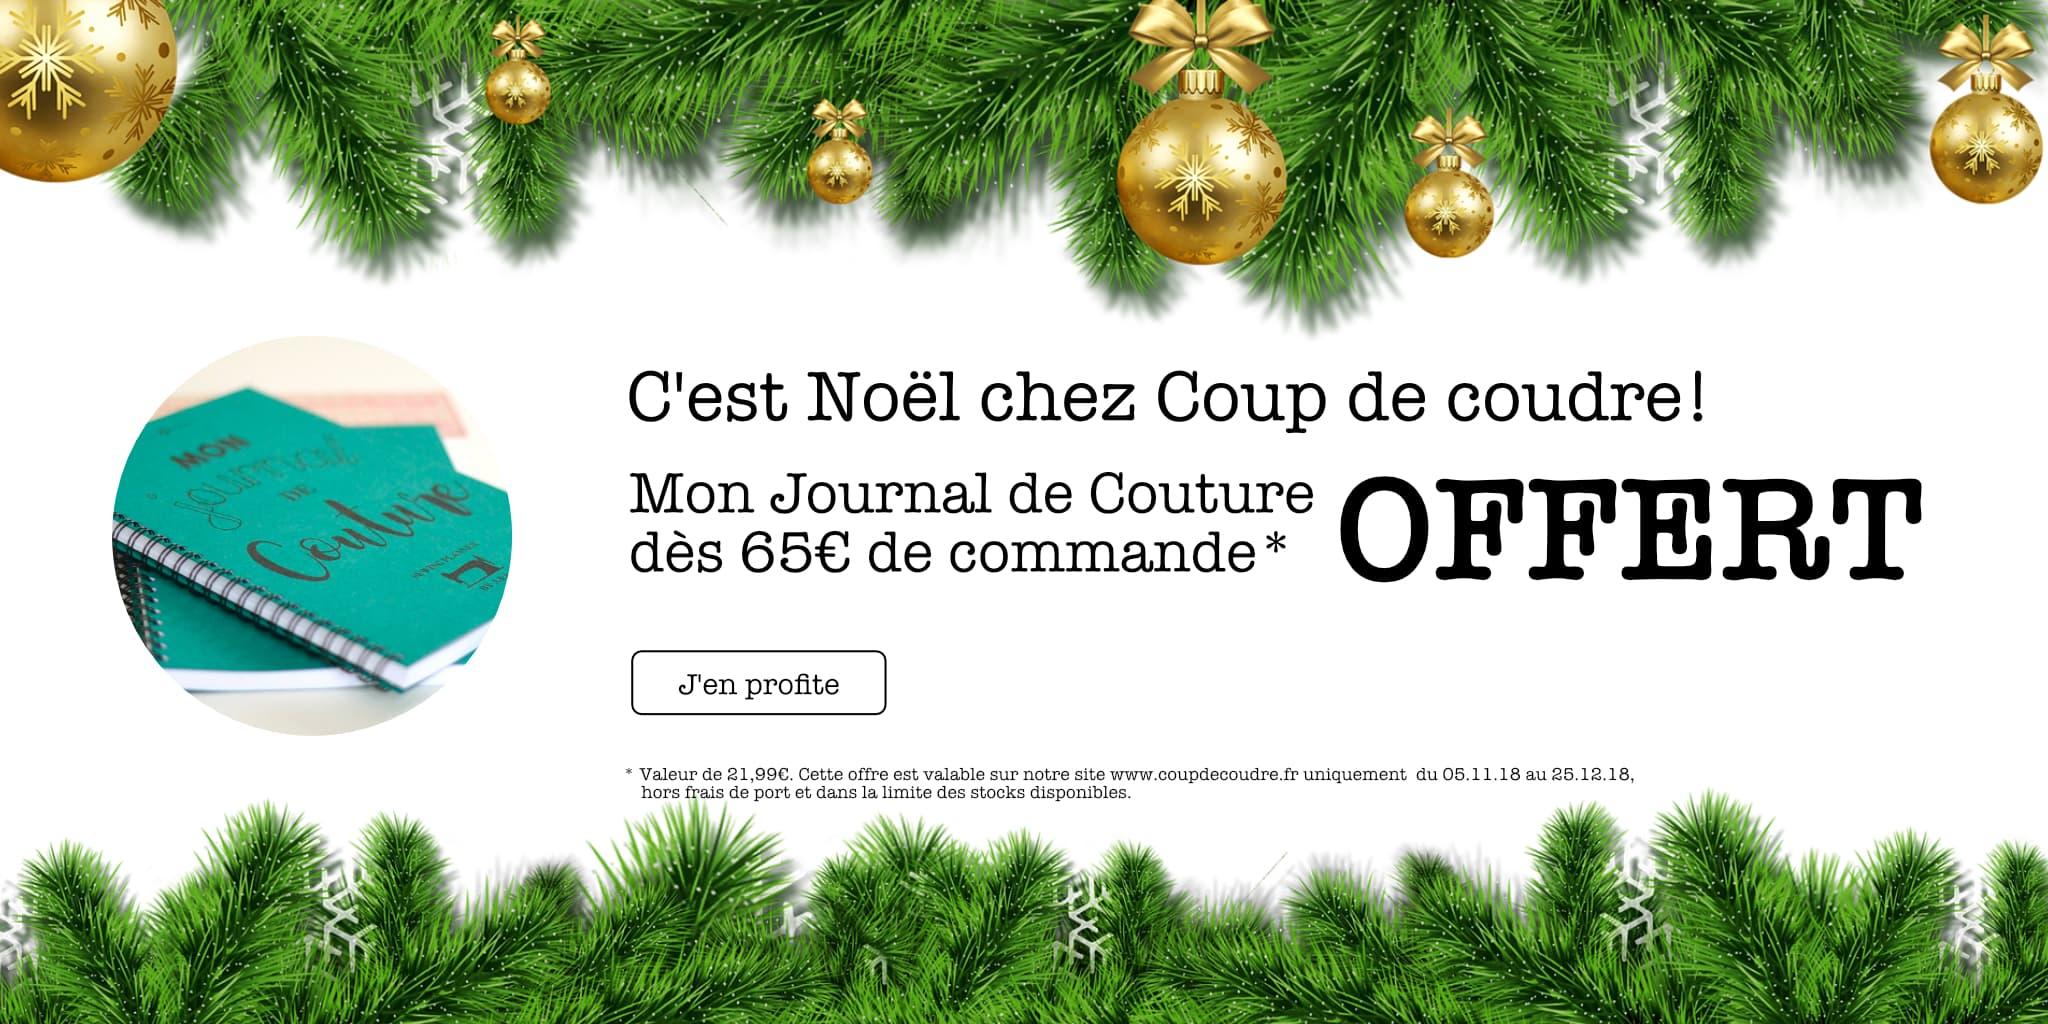 Mon Journal de Couture Offert @ Coup de coudre